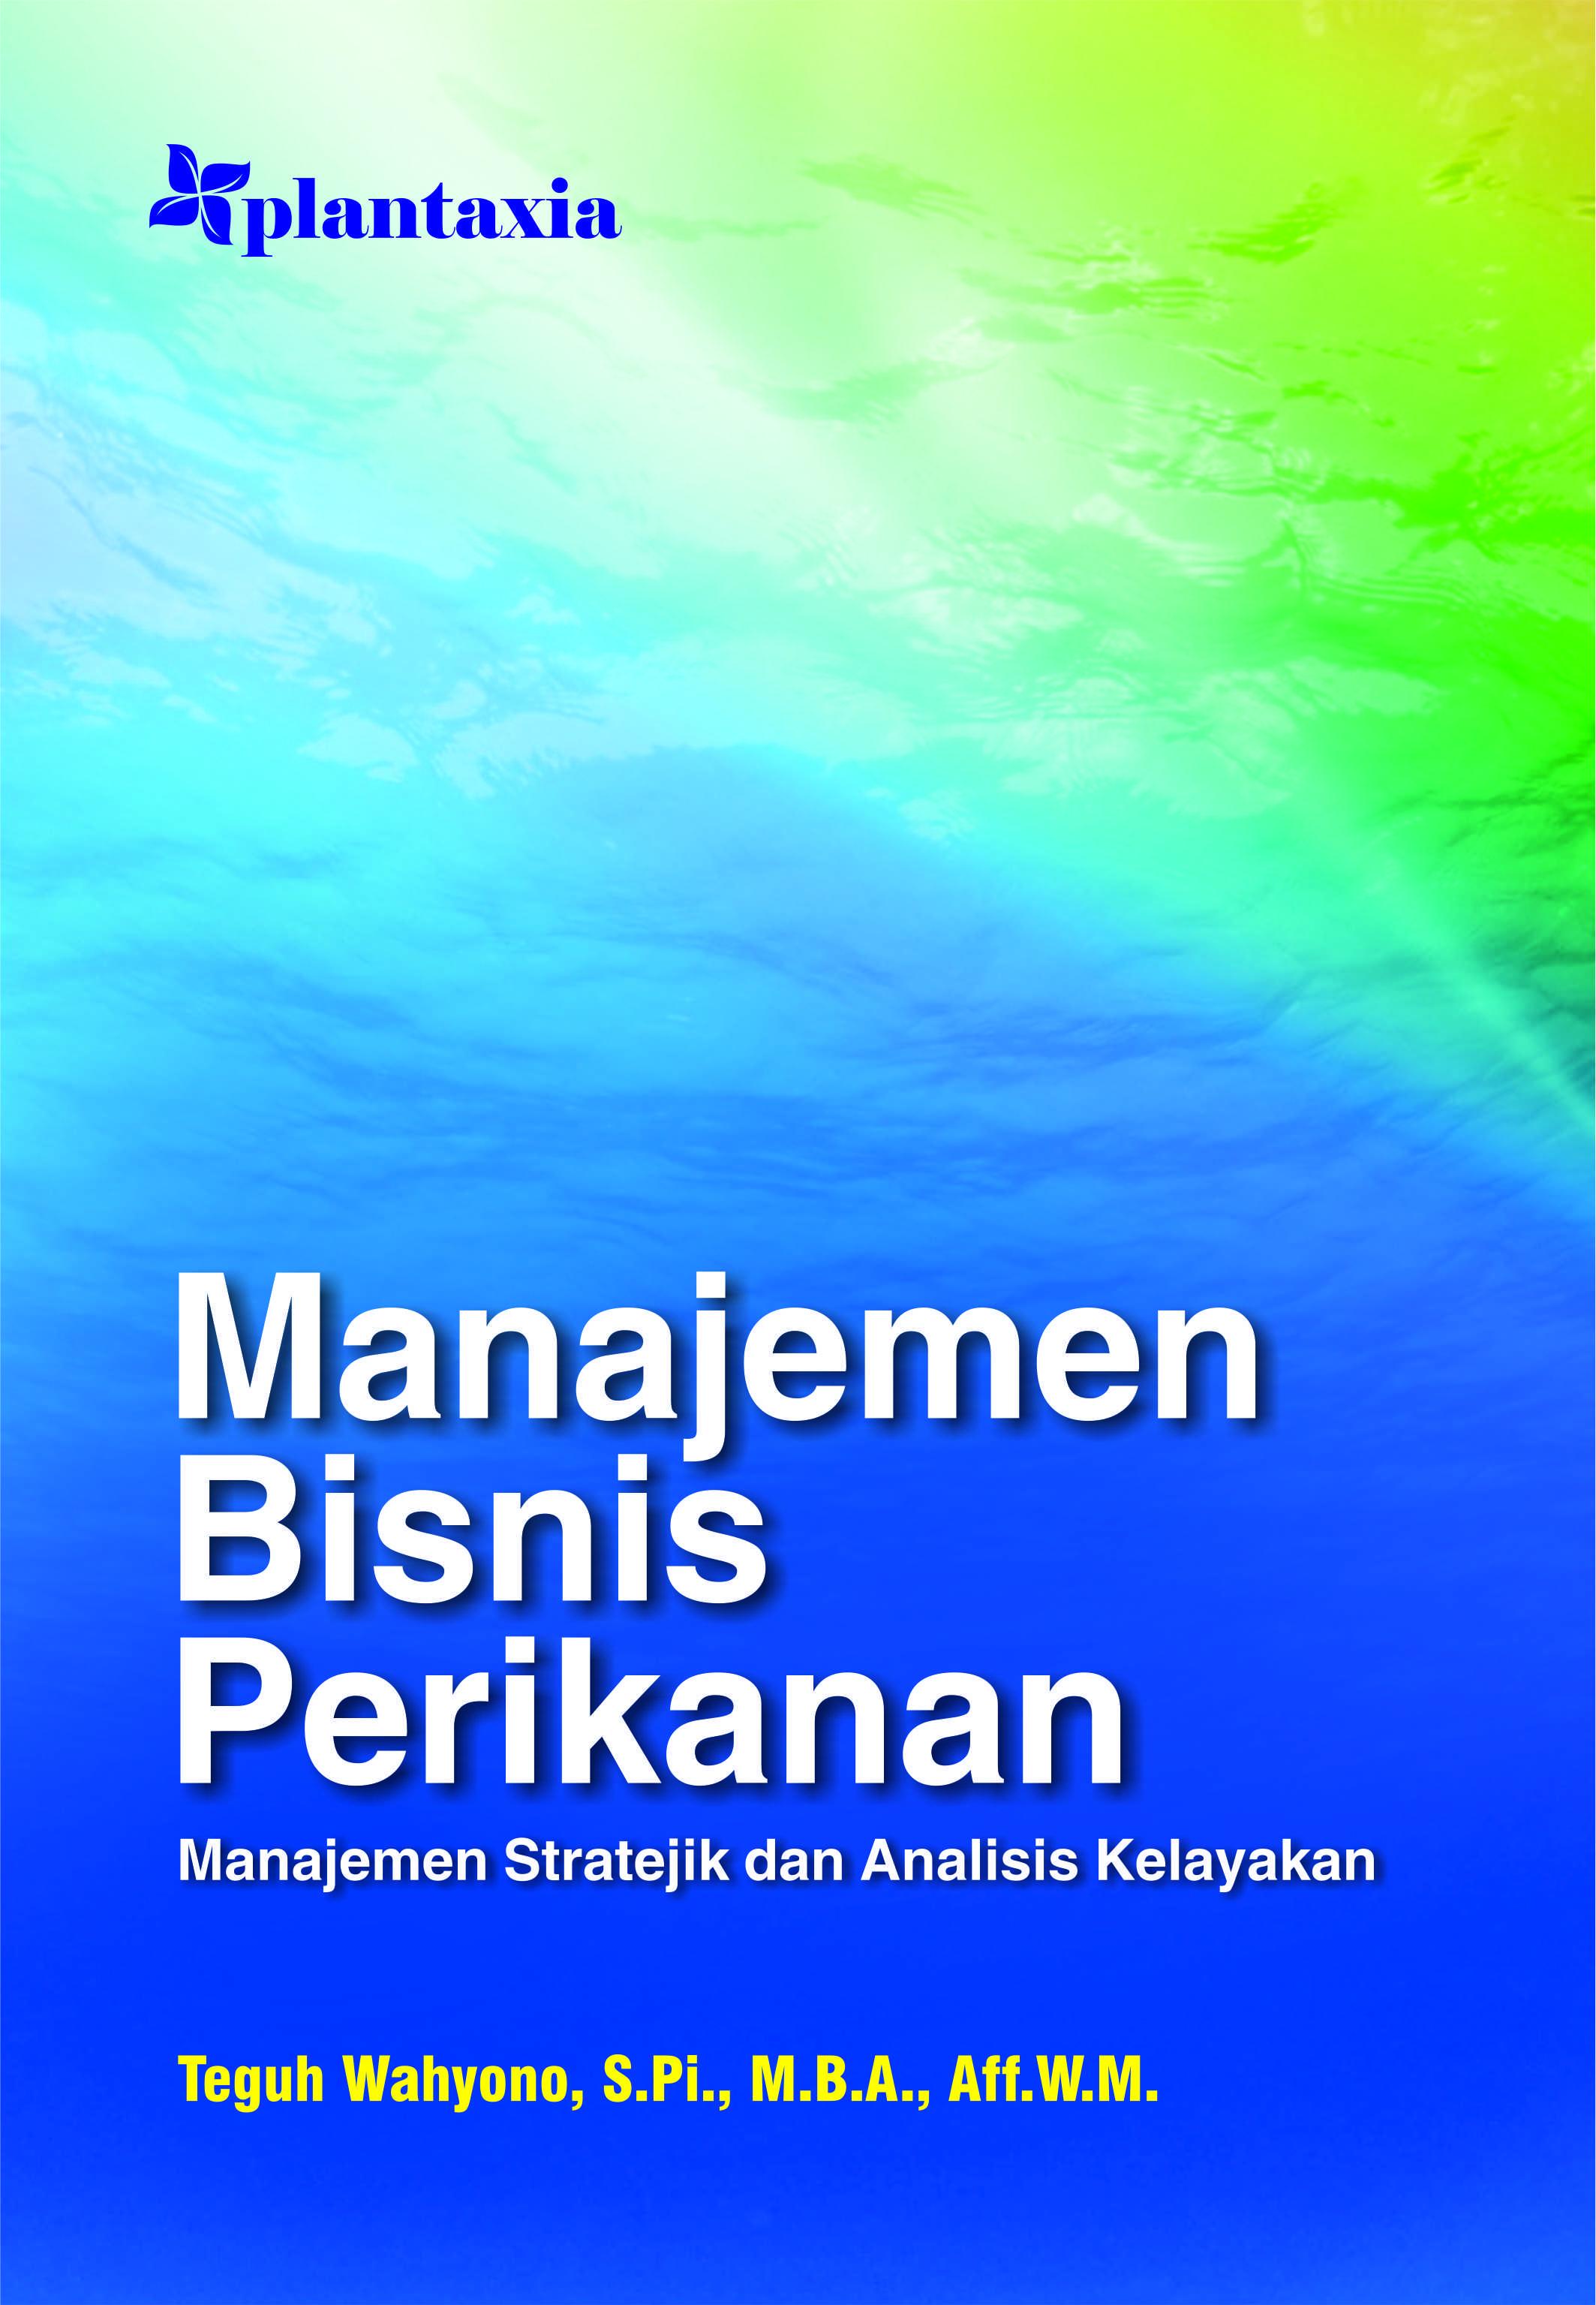 Manajemen Bisnis Perikanan; Manajemen Stratejik dan Analisis Kelayakan